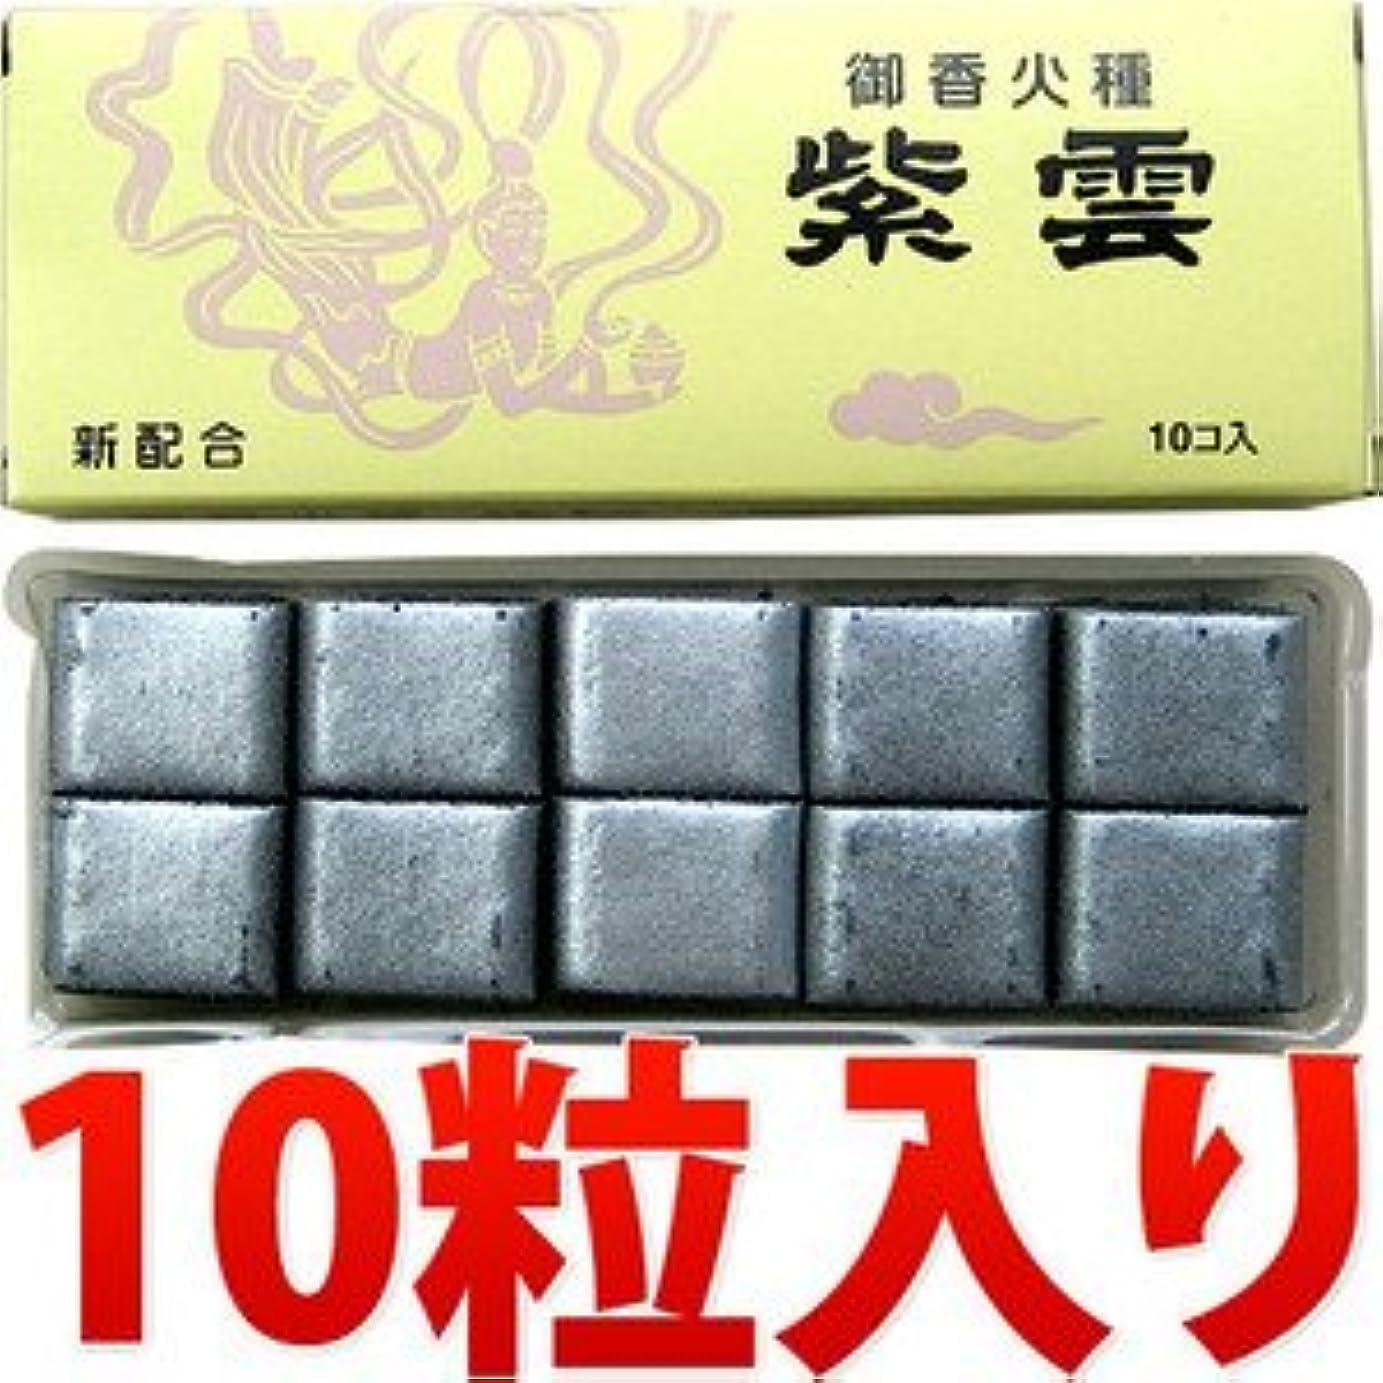 ハミングバード黒板珍味お焼香火種 紫雲 10粒 50セット